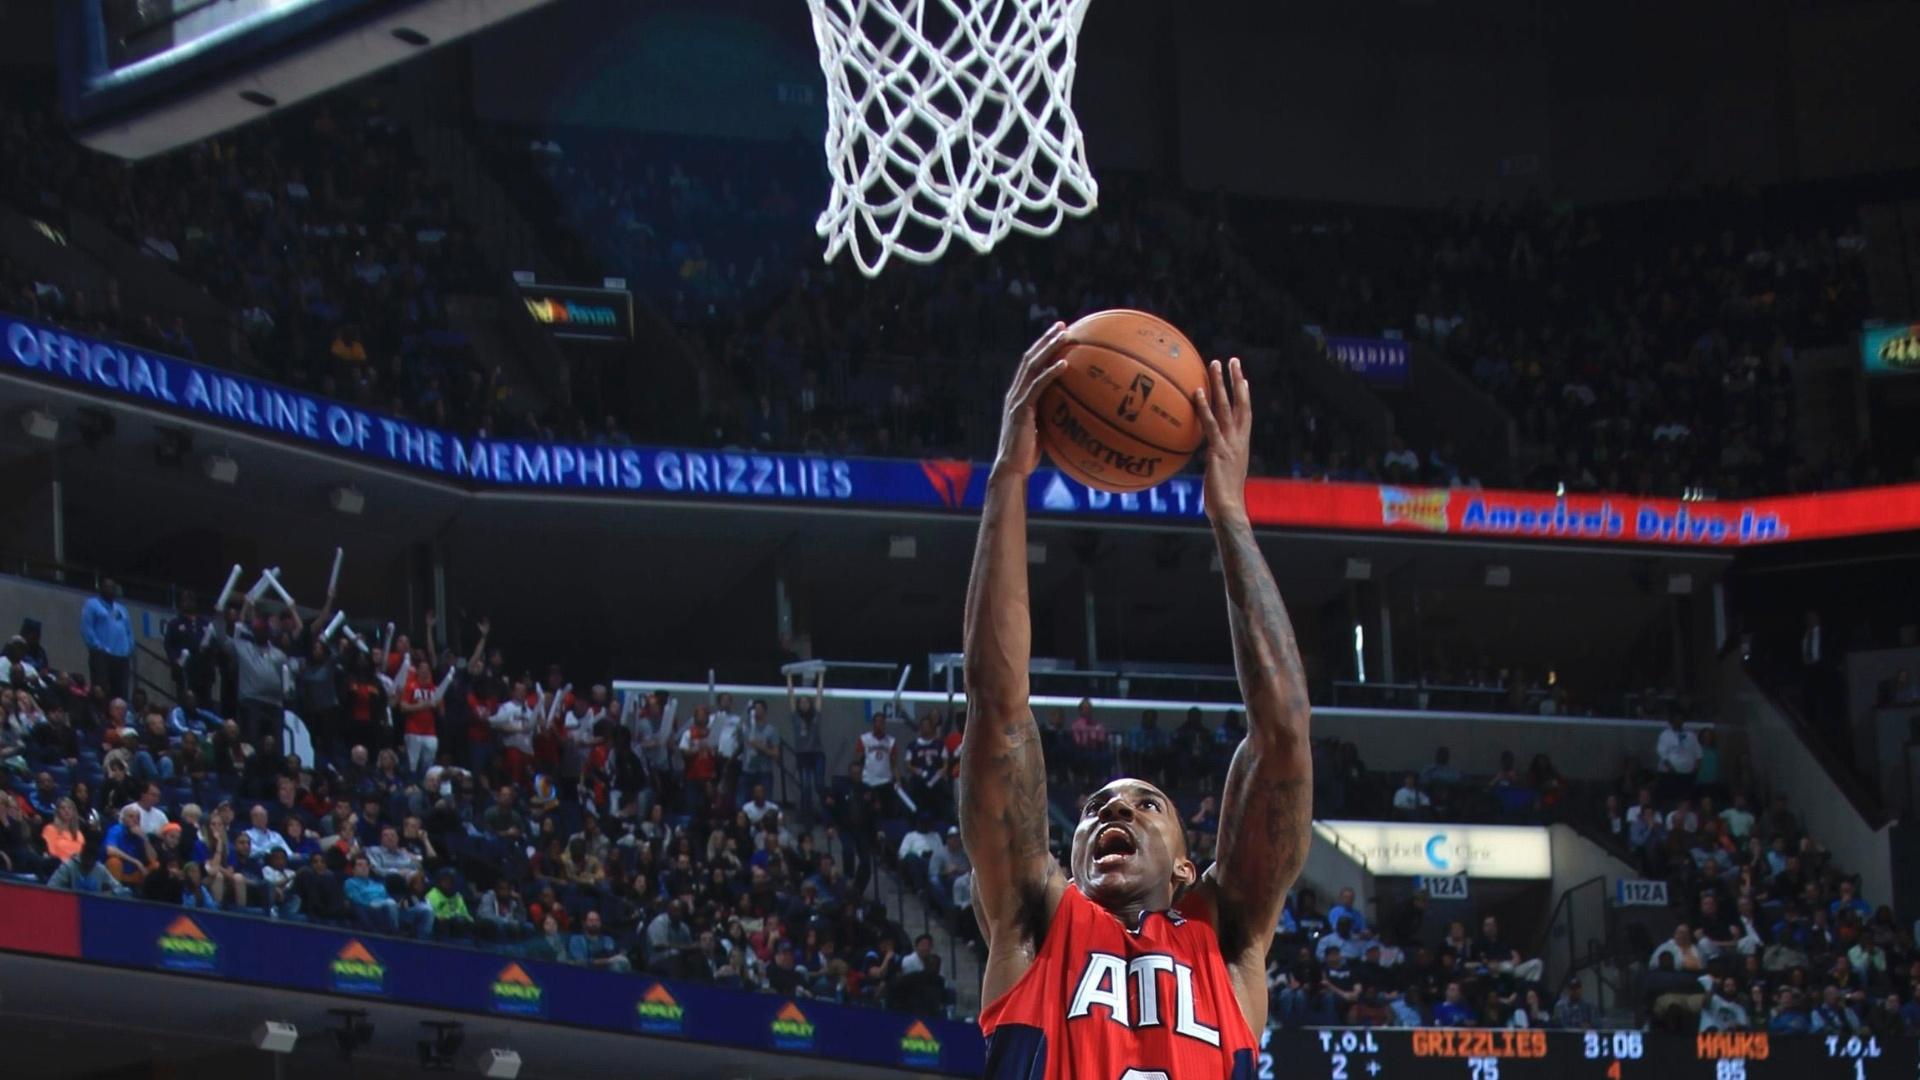 09.dez.2012 - Jeff Teague, do Atlanta Hawks, supera a marcação de Mike Conley, do Memphis Grizzlies, para fazer a enterrada